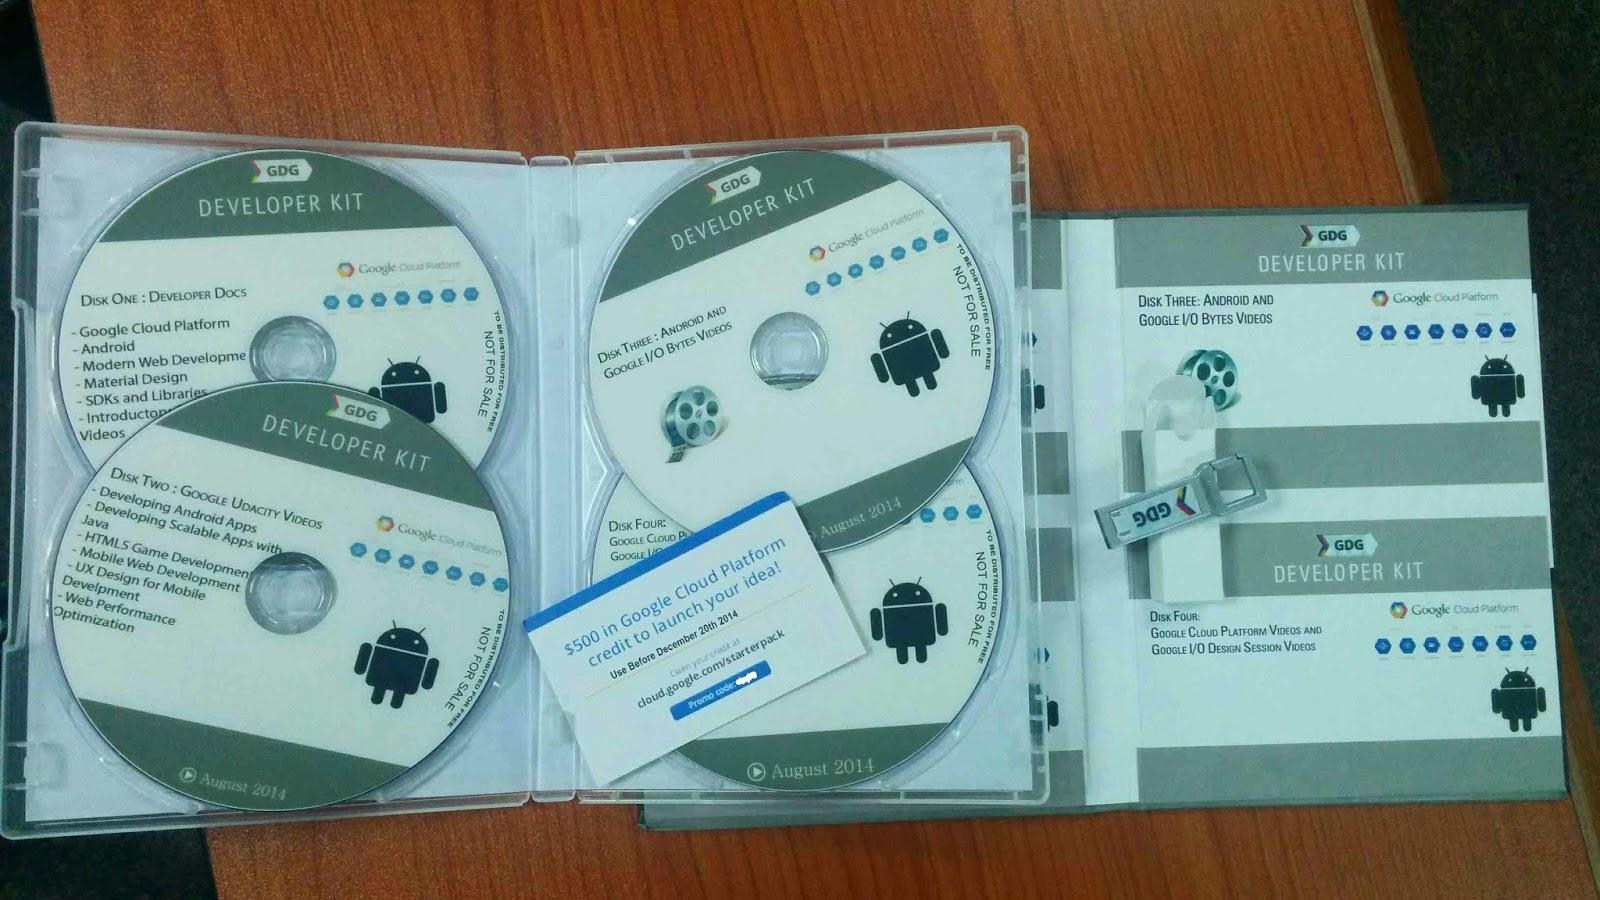 Google offer Android  Development Kit Offline in DVD, Download Android  Development Kit , all Android  Development Kit , free download Android  Development Kit , Android  Development Kit DVD, Google offer